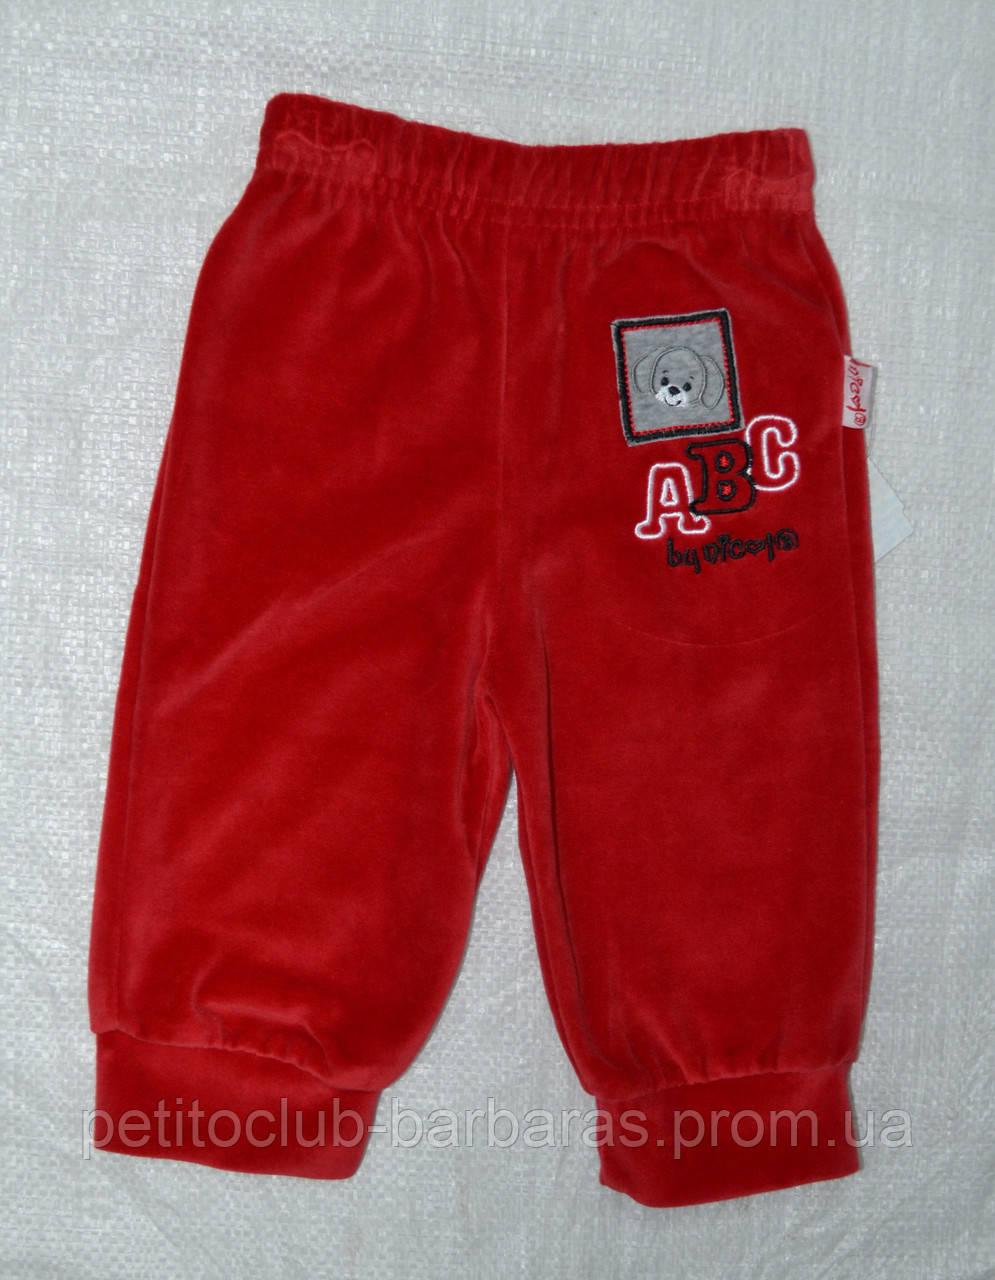 Детские велюровые штаны АВС красные для мальчика р. 68-86 см (Nicol, Польша)